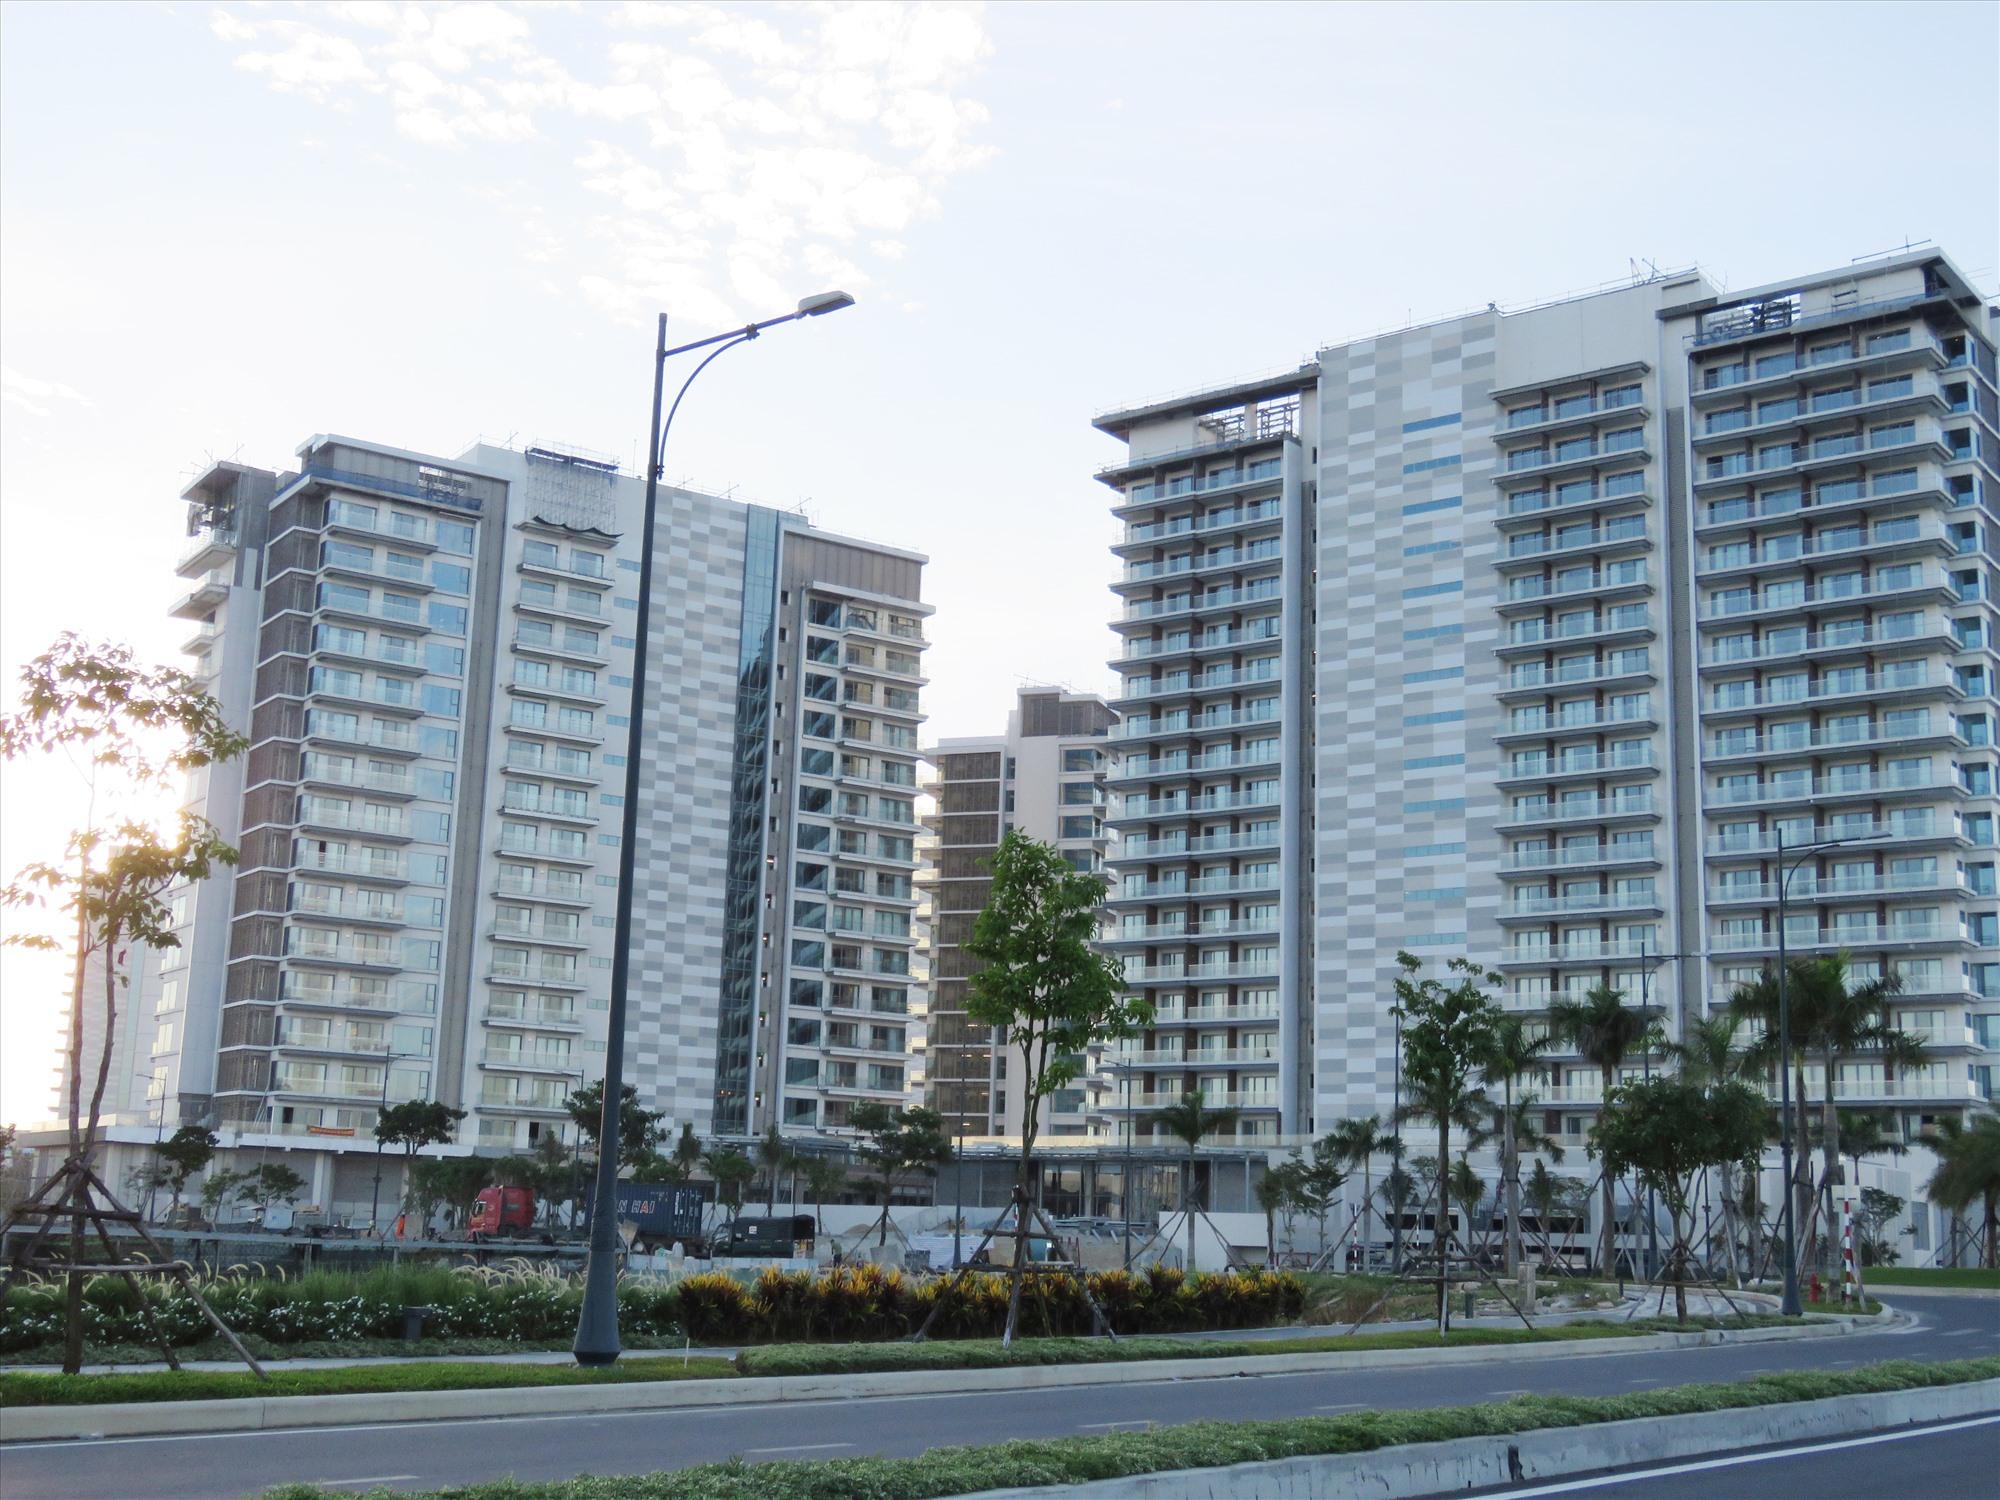 Casino đầu tiên ở Quảng Nam sắp hoàn thành xây dựng. Ảnh: T.V